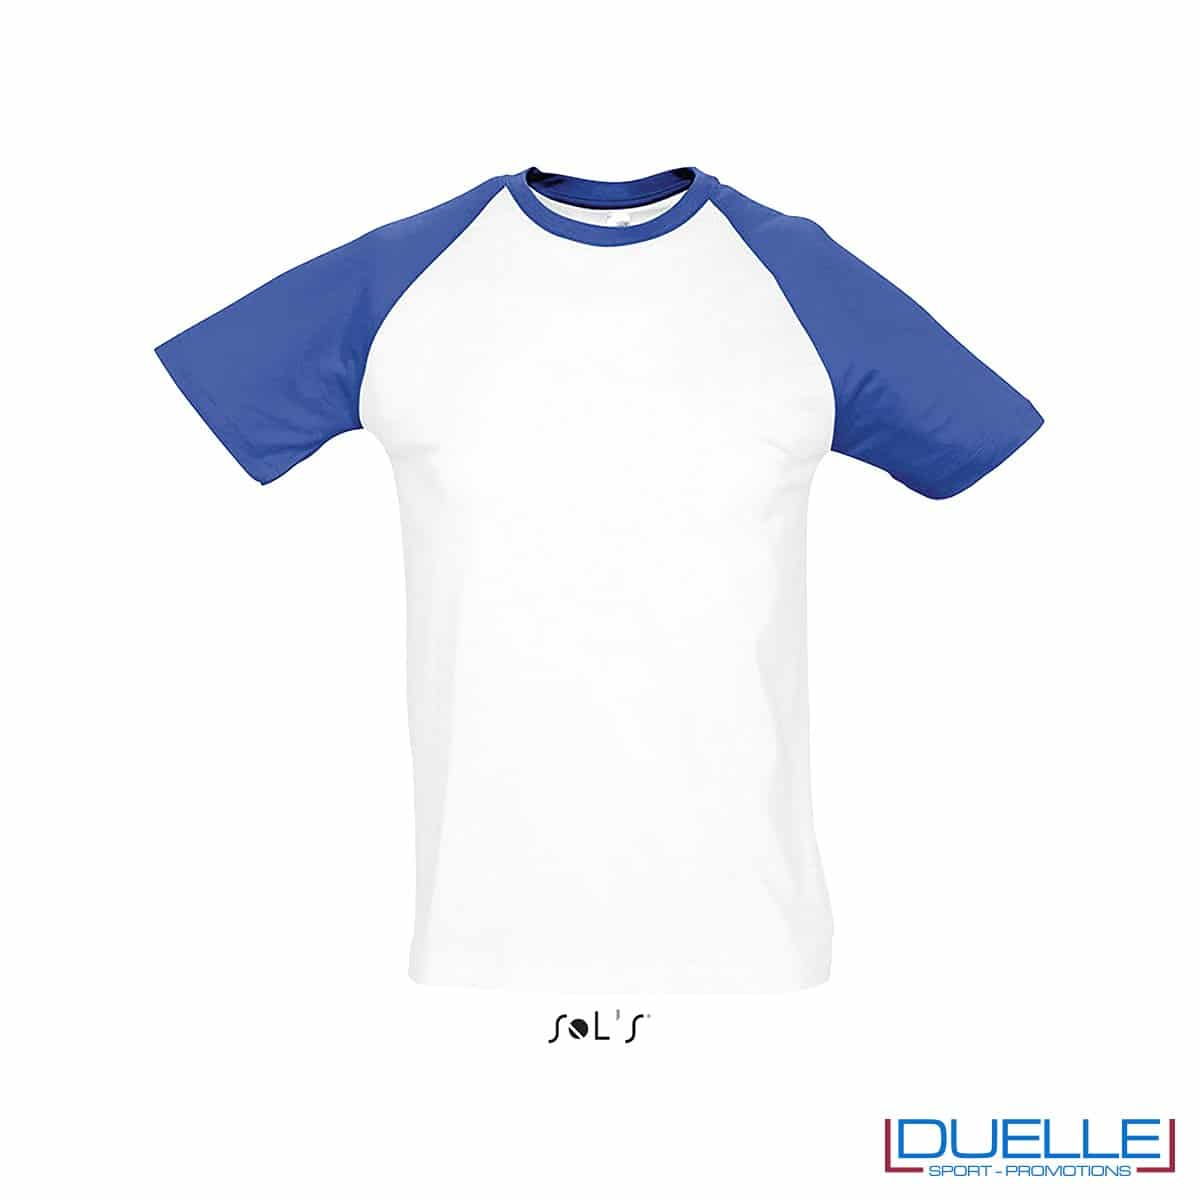 t-shirt personalizzata sportiva bicolore in colore blu royal e bianco, abbigliamento sportivo personalizzato